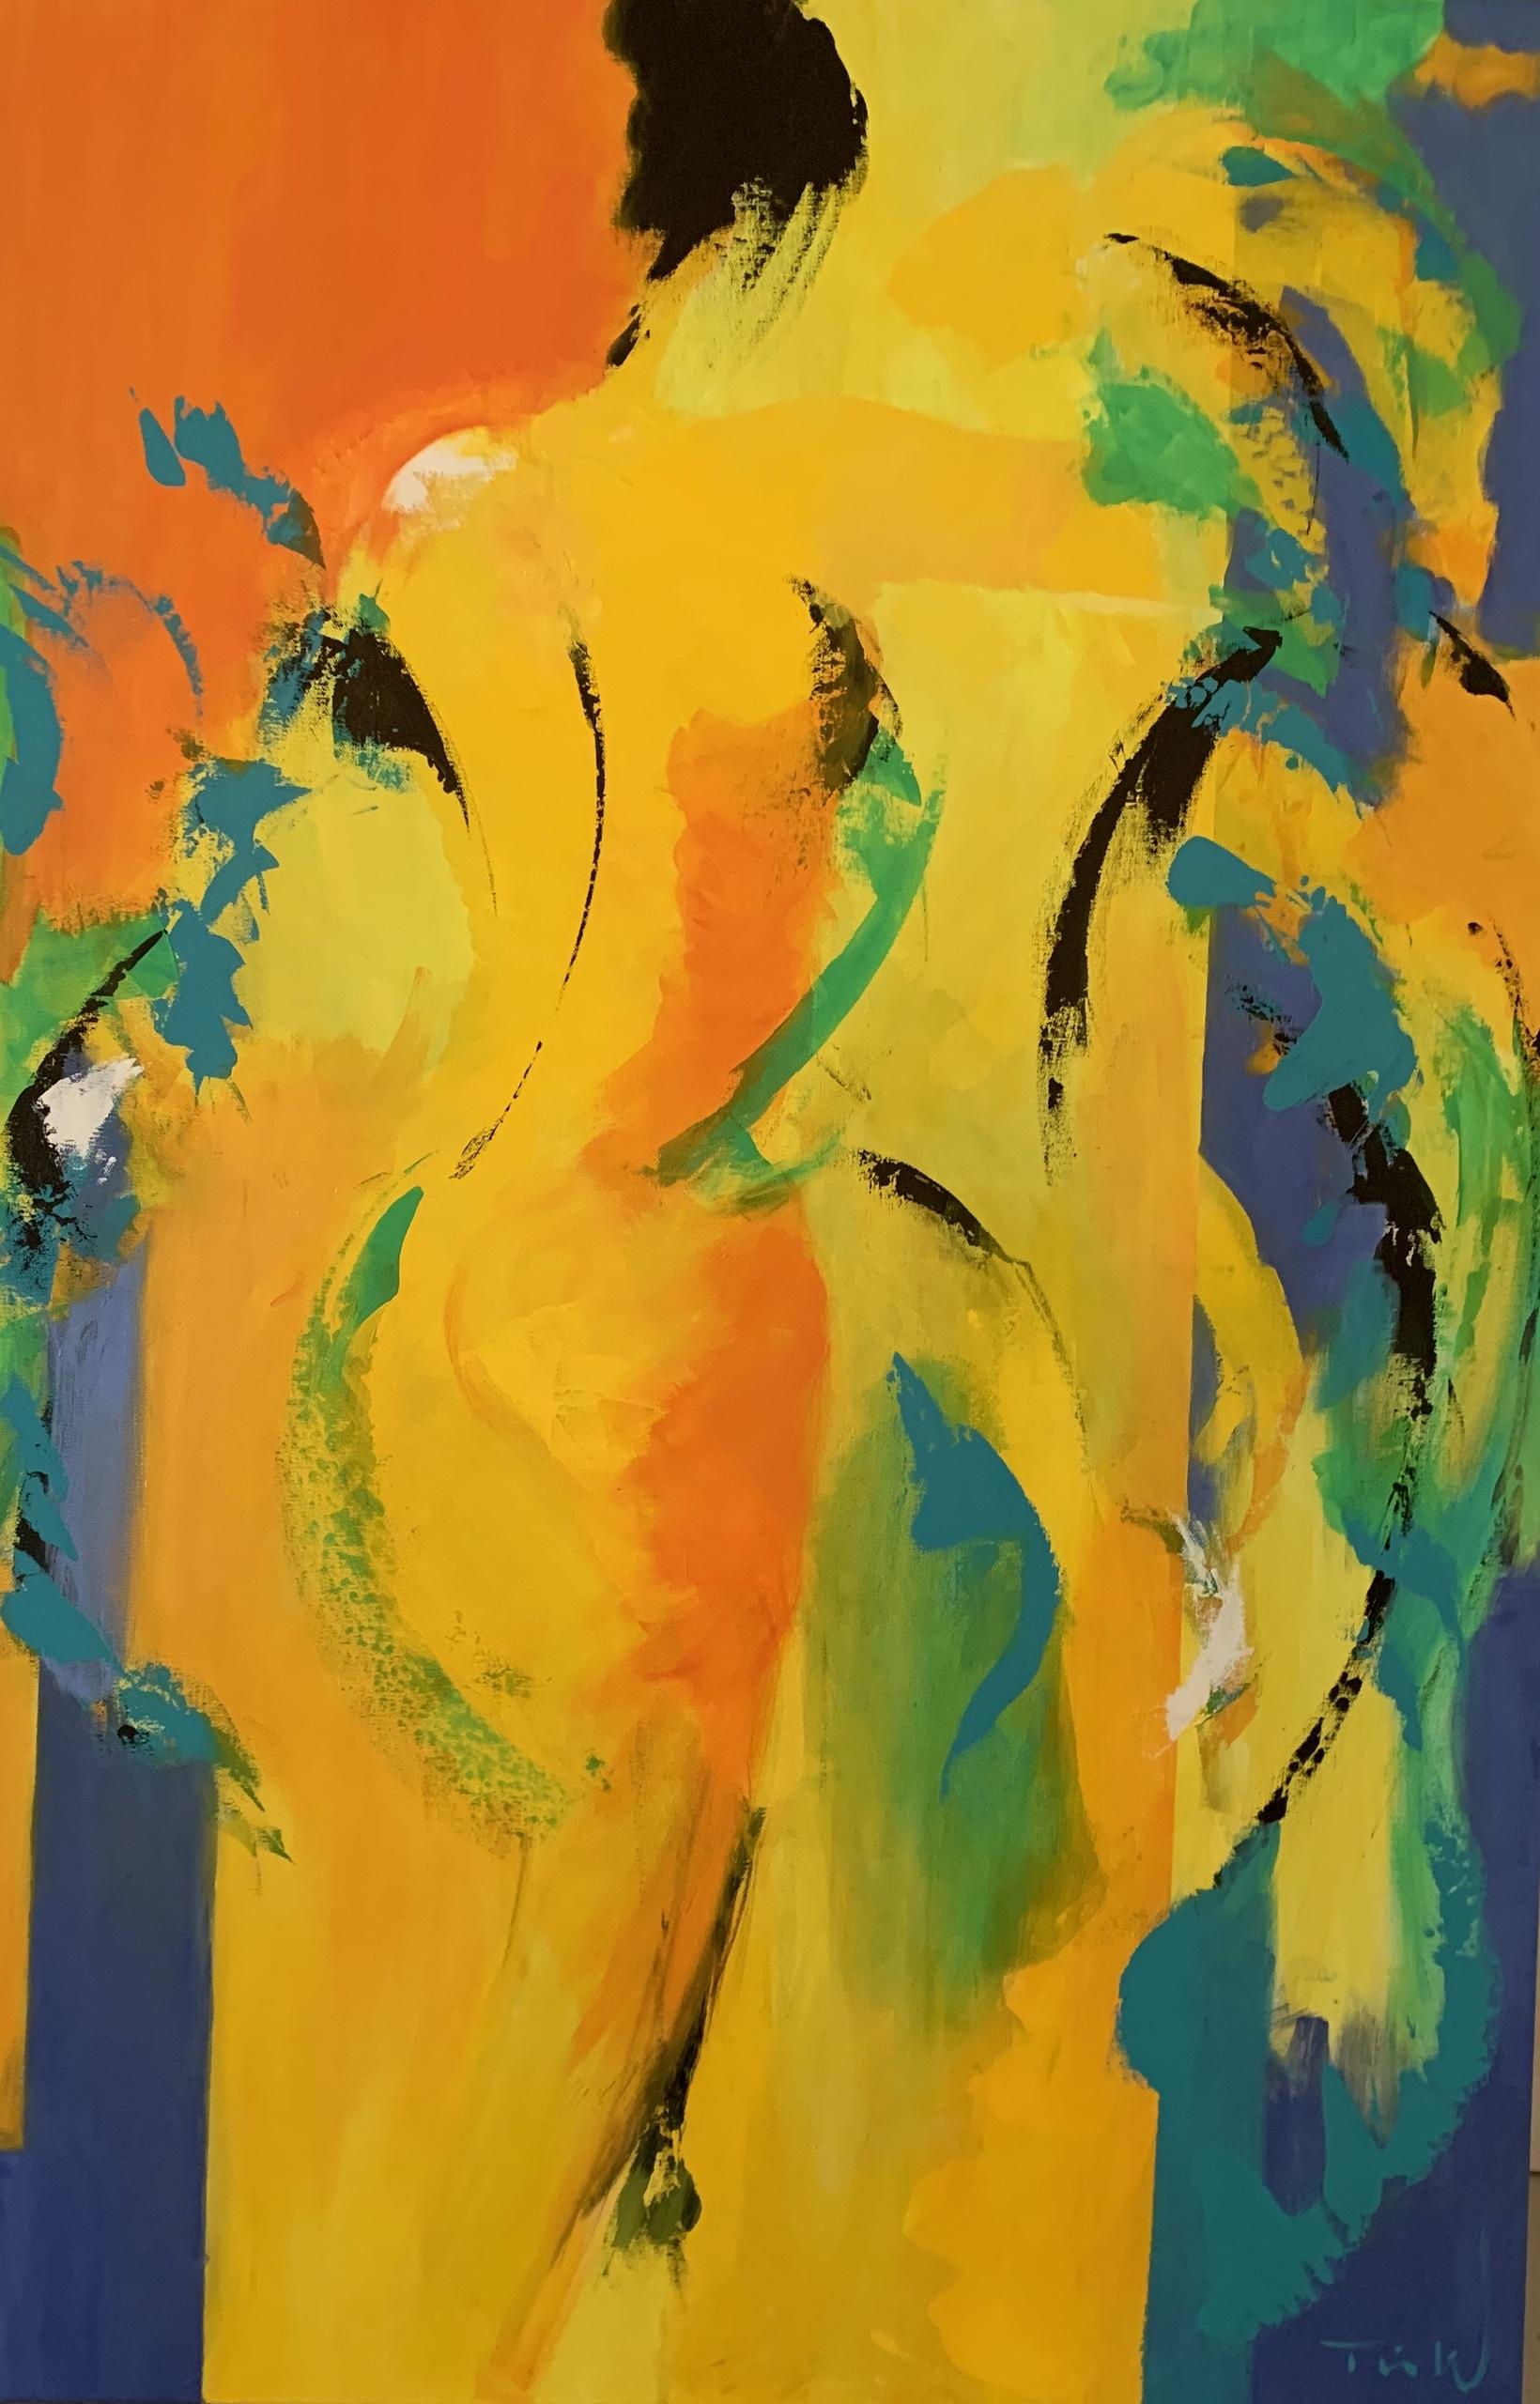 Her i dette maleri er jeg inspireret af den franske maler Henri Matisse